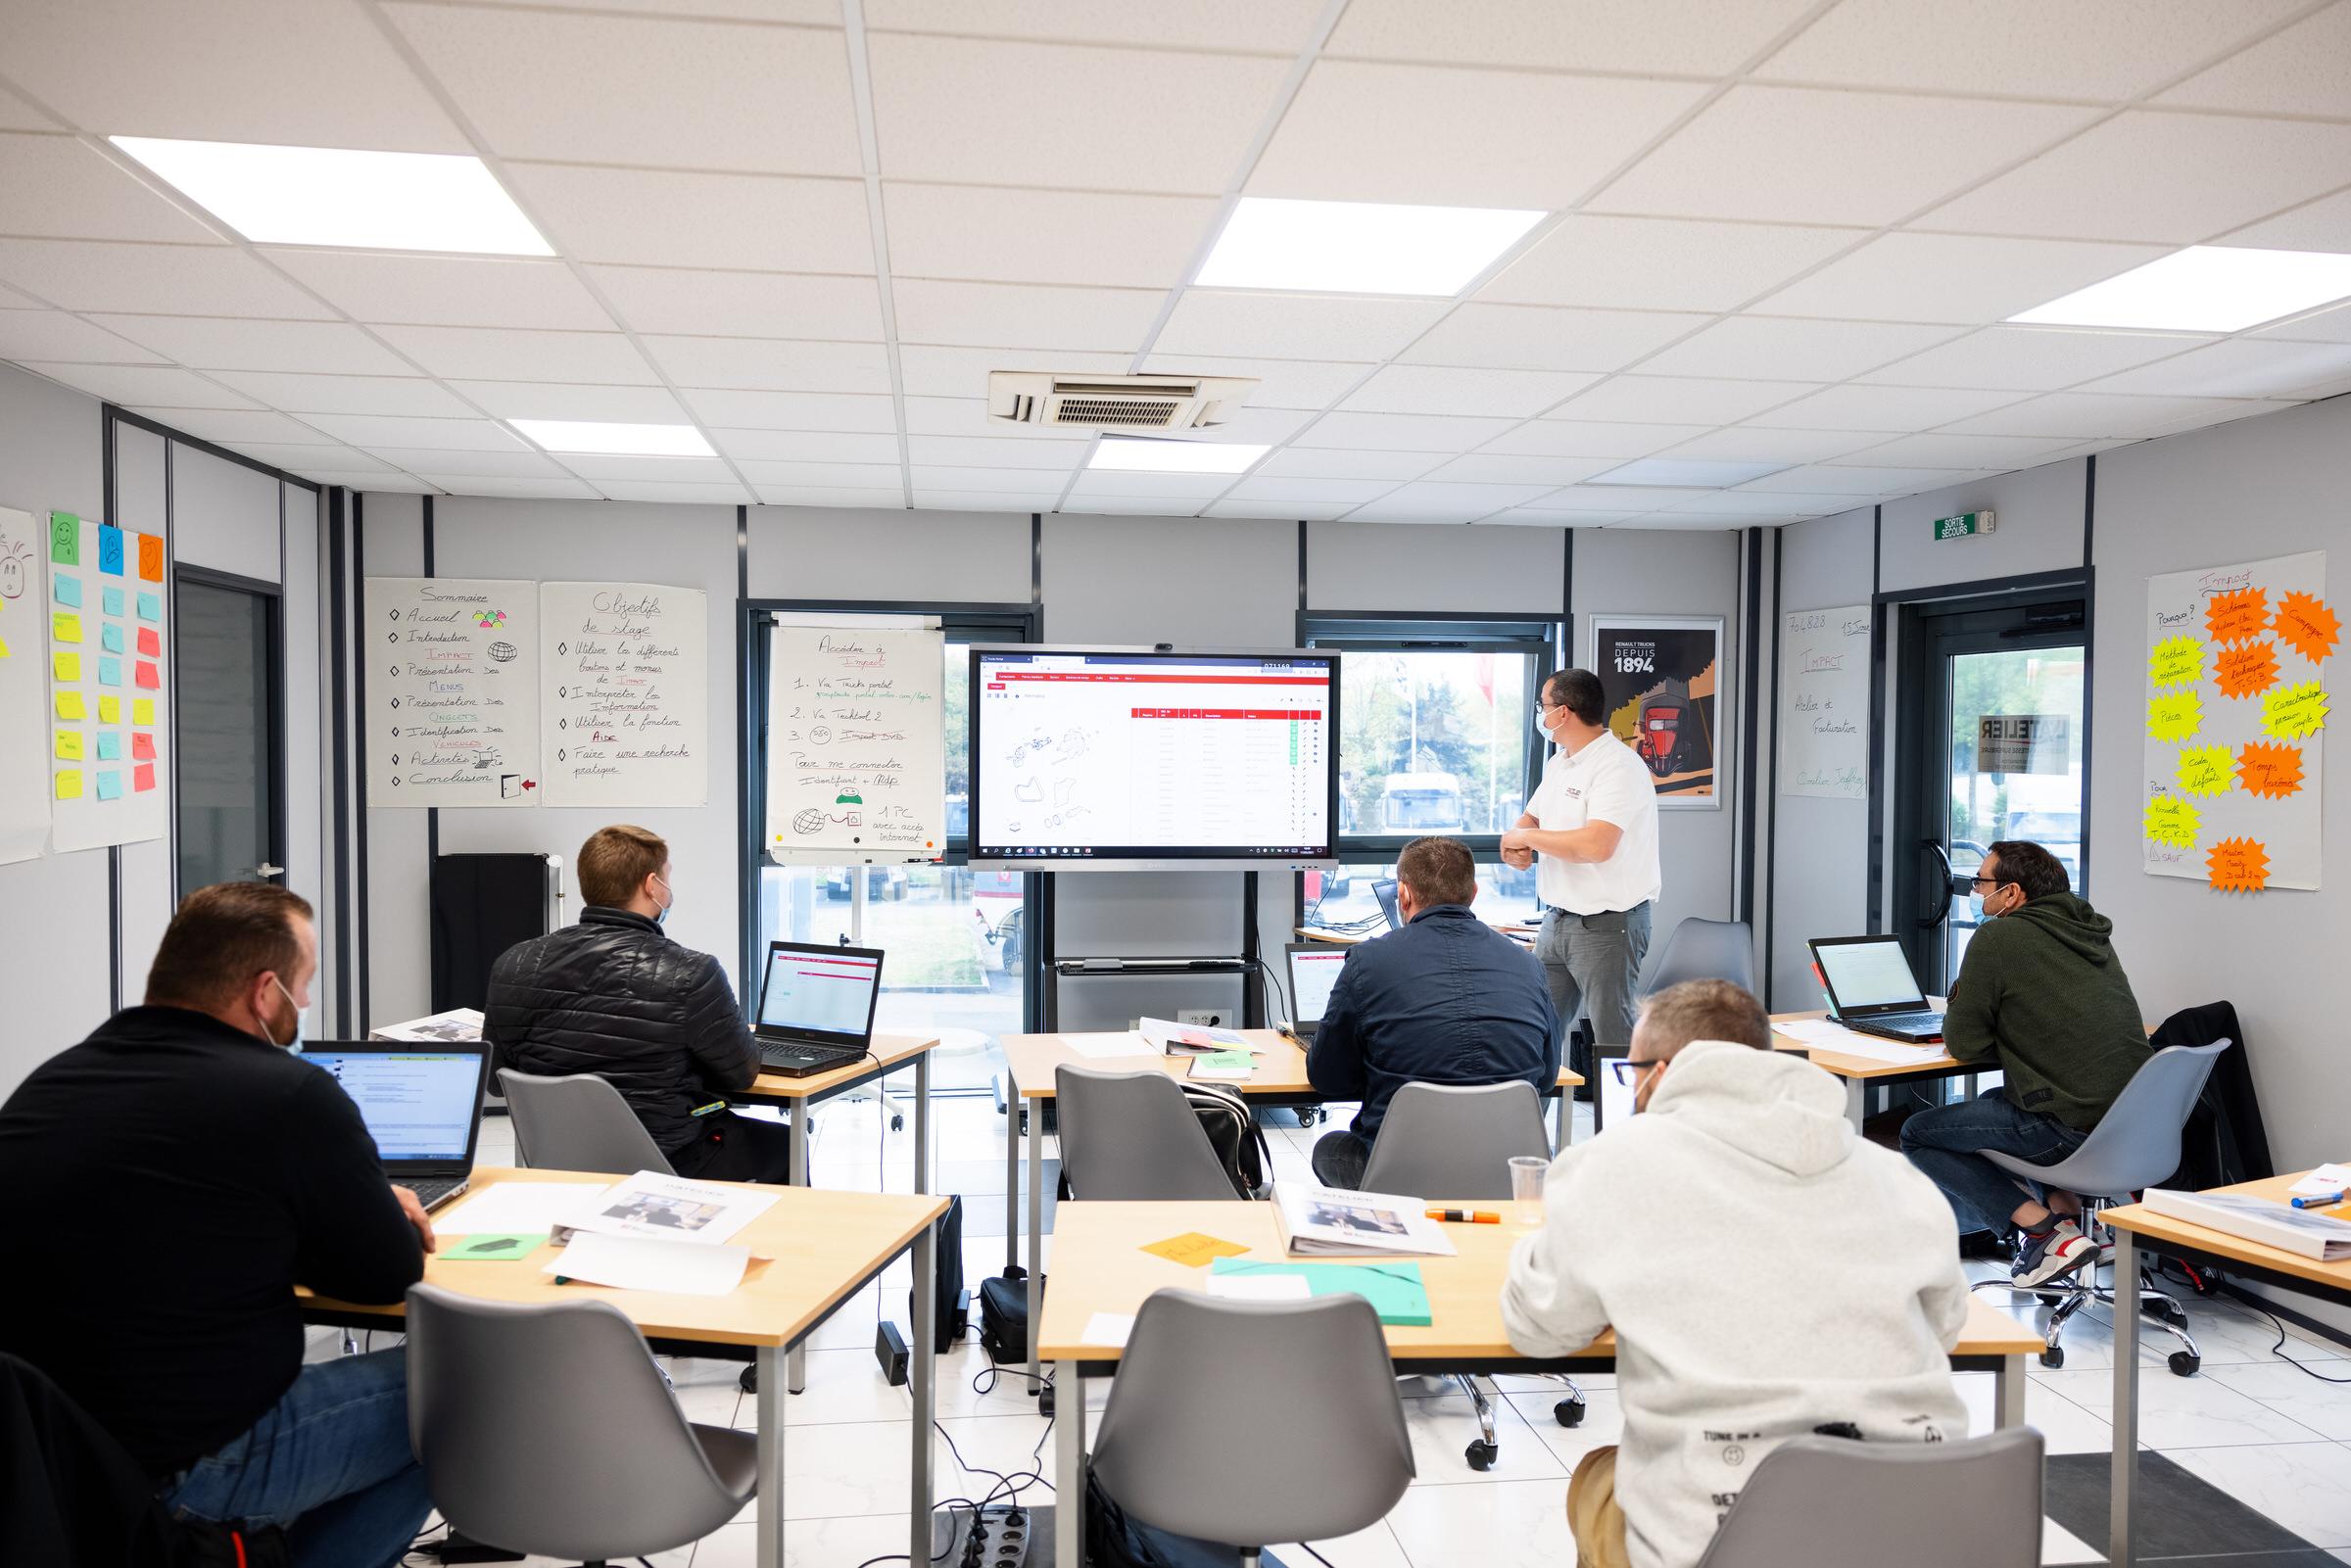 image illustration article Notre centre de formation « L'Atelier » est lancé !